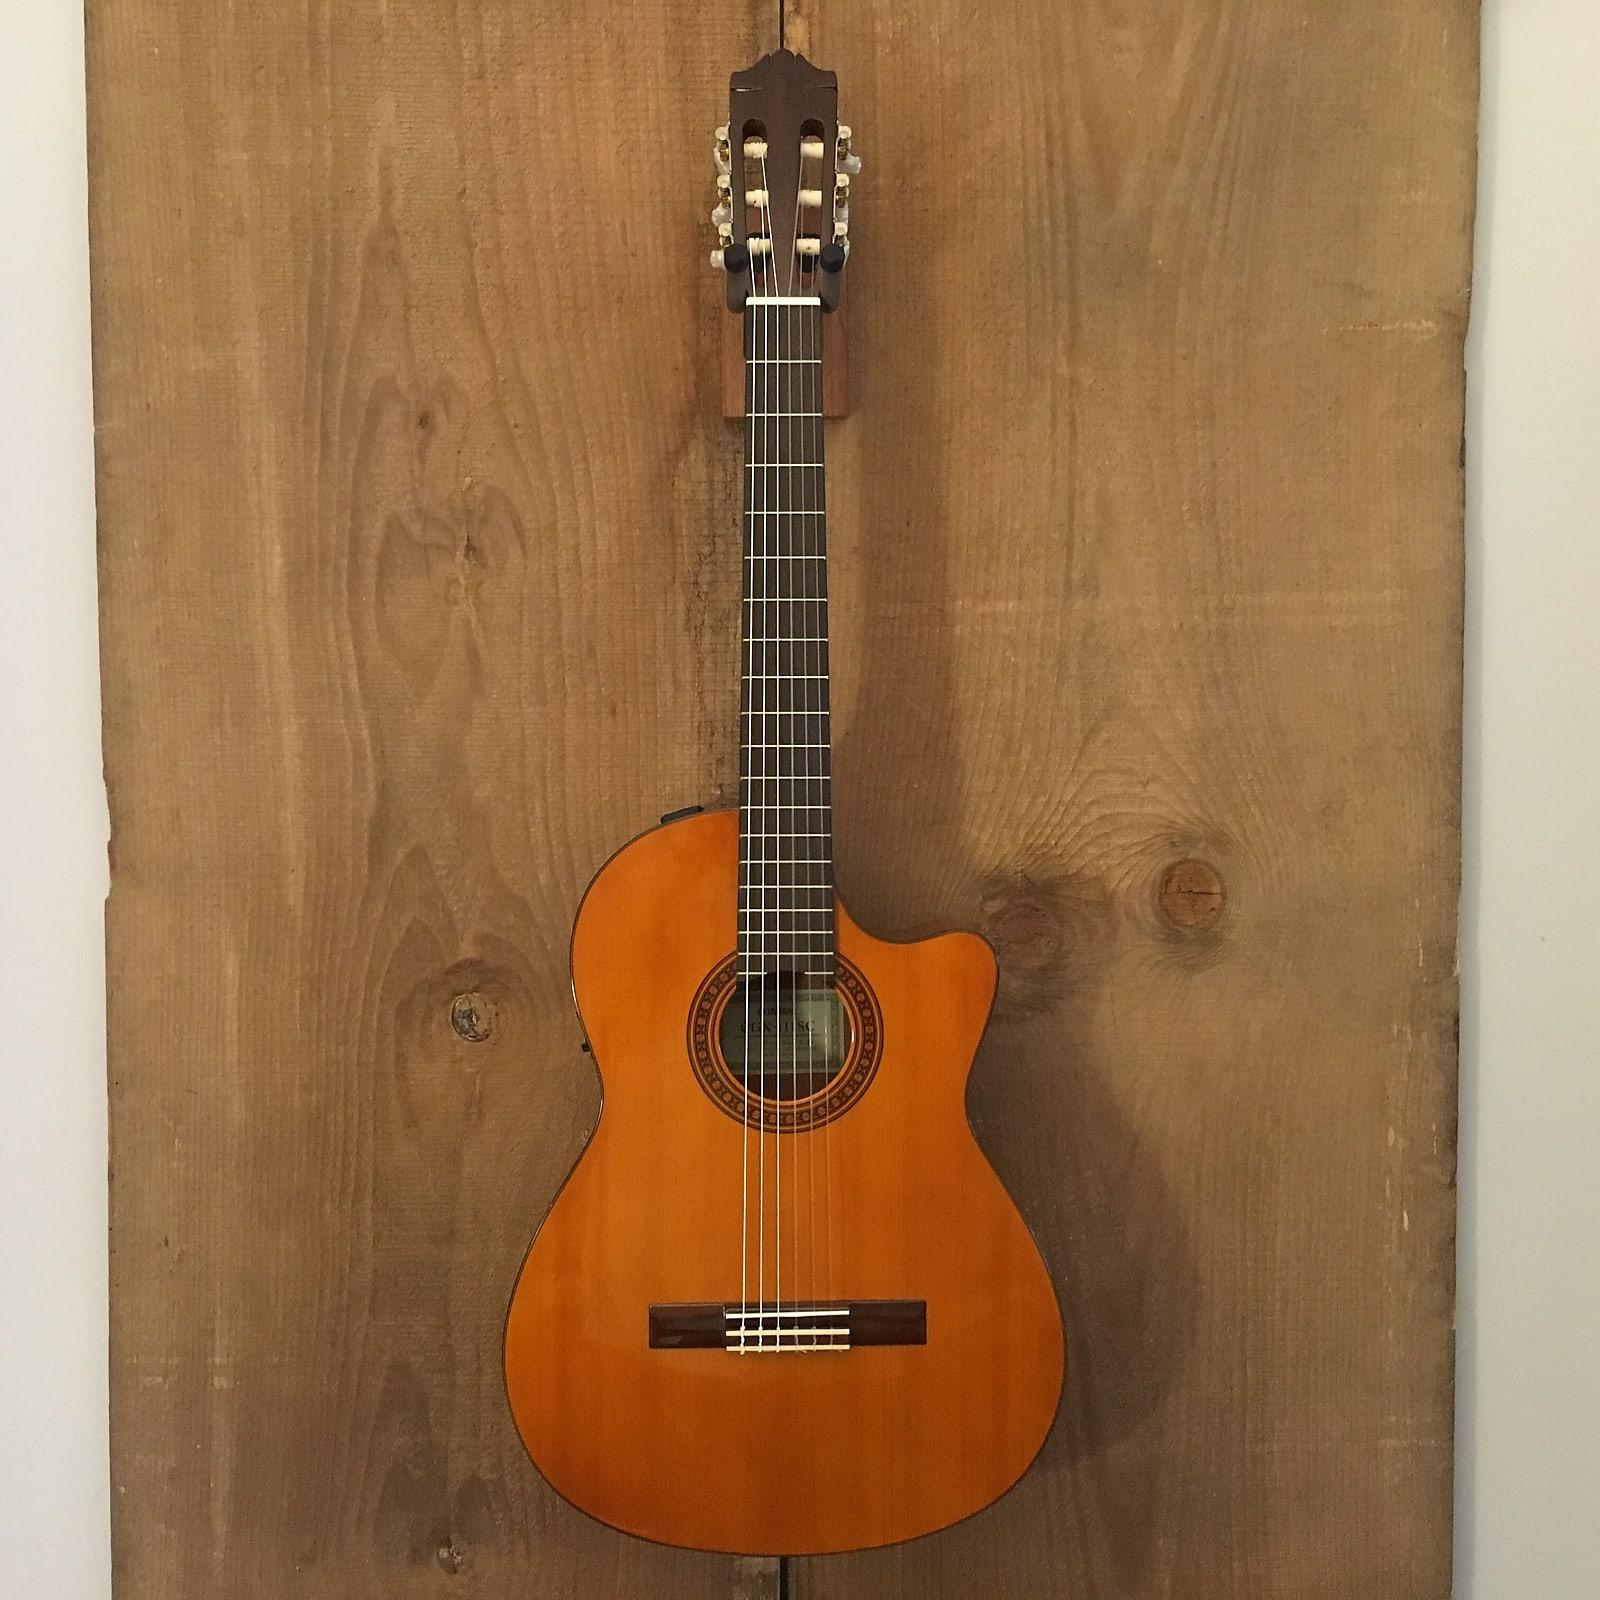 Yamaha classical electric guitar